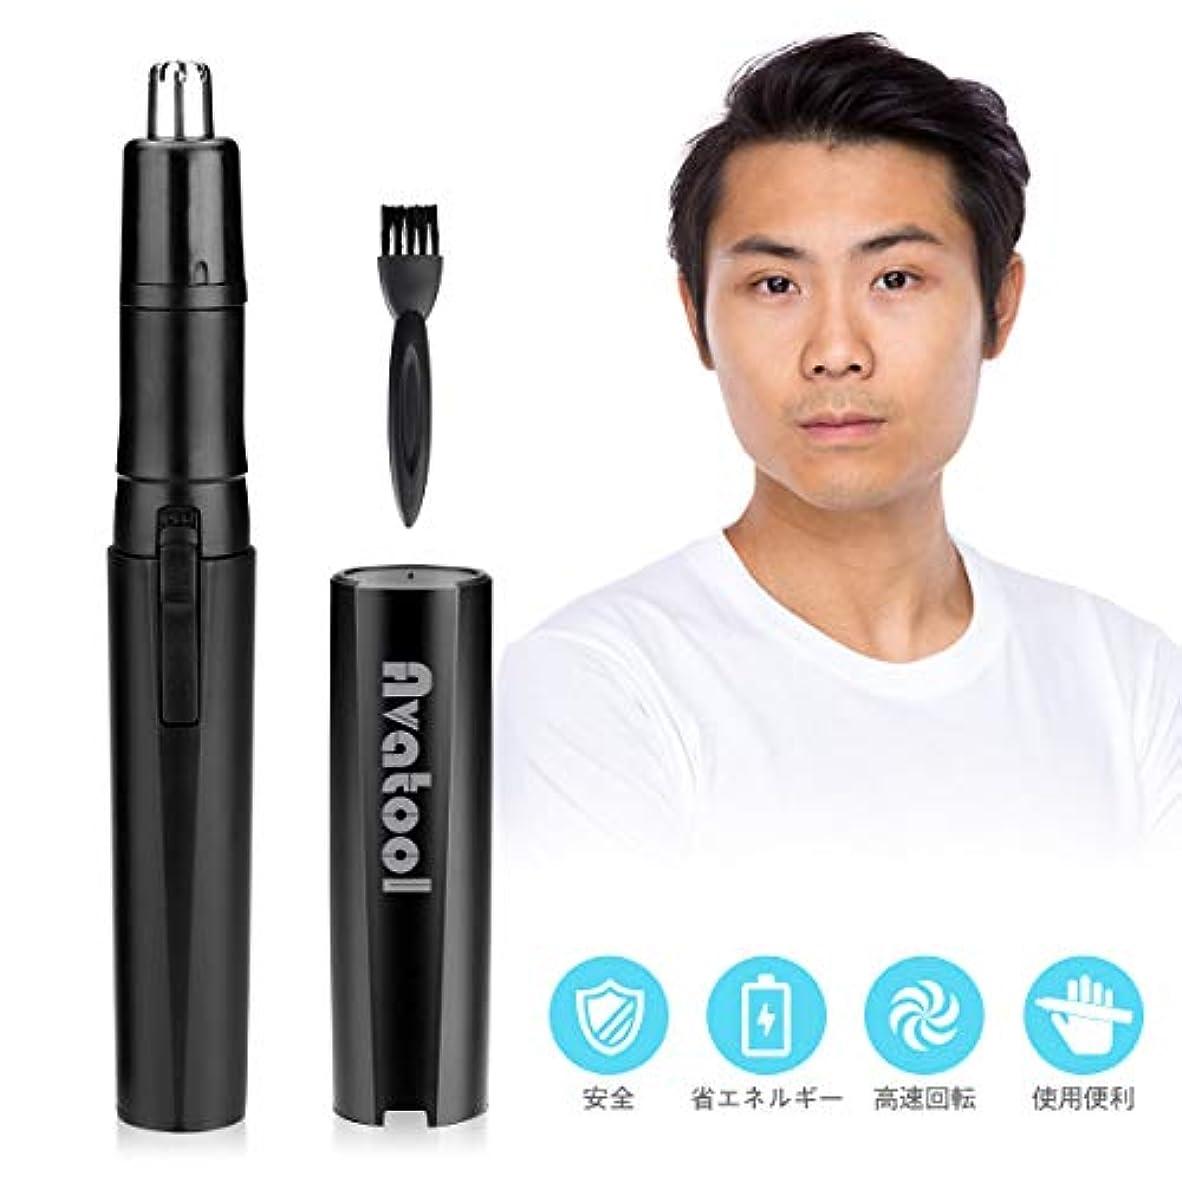 断線スタッフ一見Avatool 鼻毛カッター エチケットカッター USB充電 鼻毛トリマー 電動式カッター 耳毛眉毛 カッター 掃除用ブラシ付き 鼻毛きり 持ち運び便利